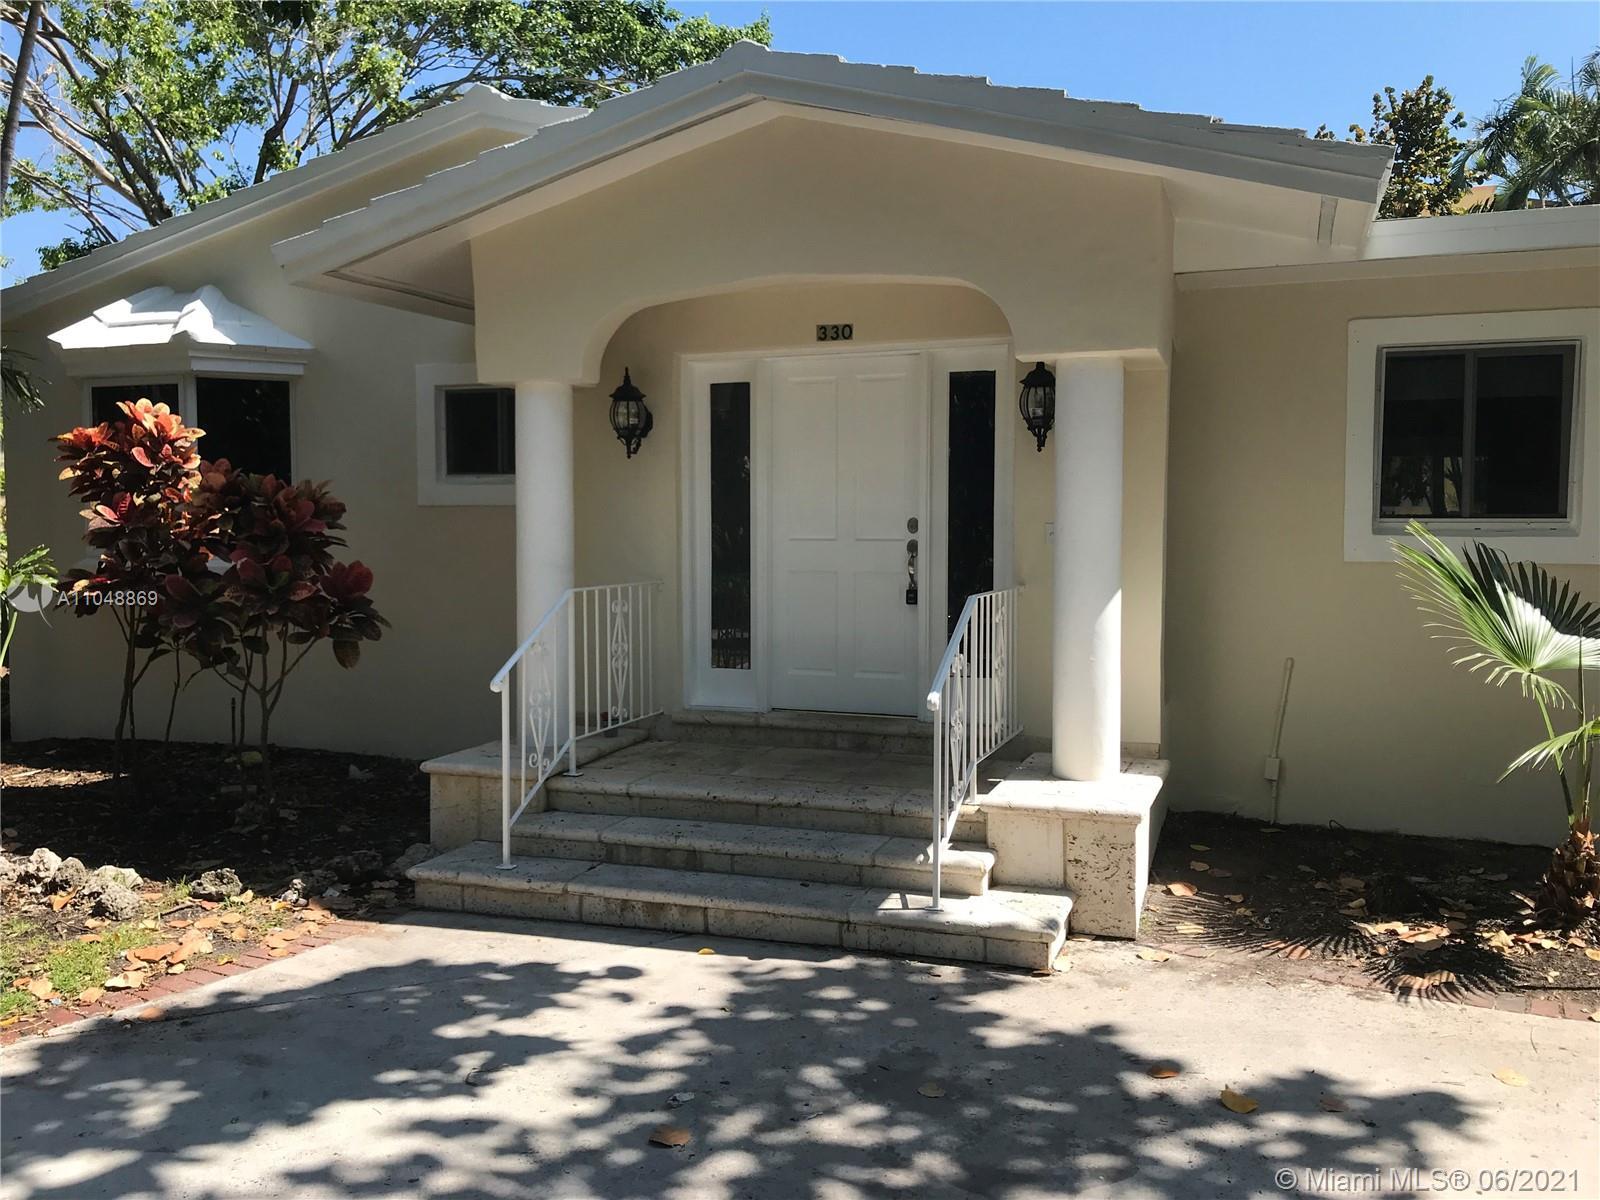 Tropical Isle Homes - 330 Redwood Ln, Key Biscayne, FL 33149